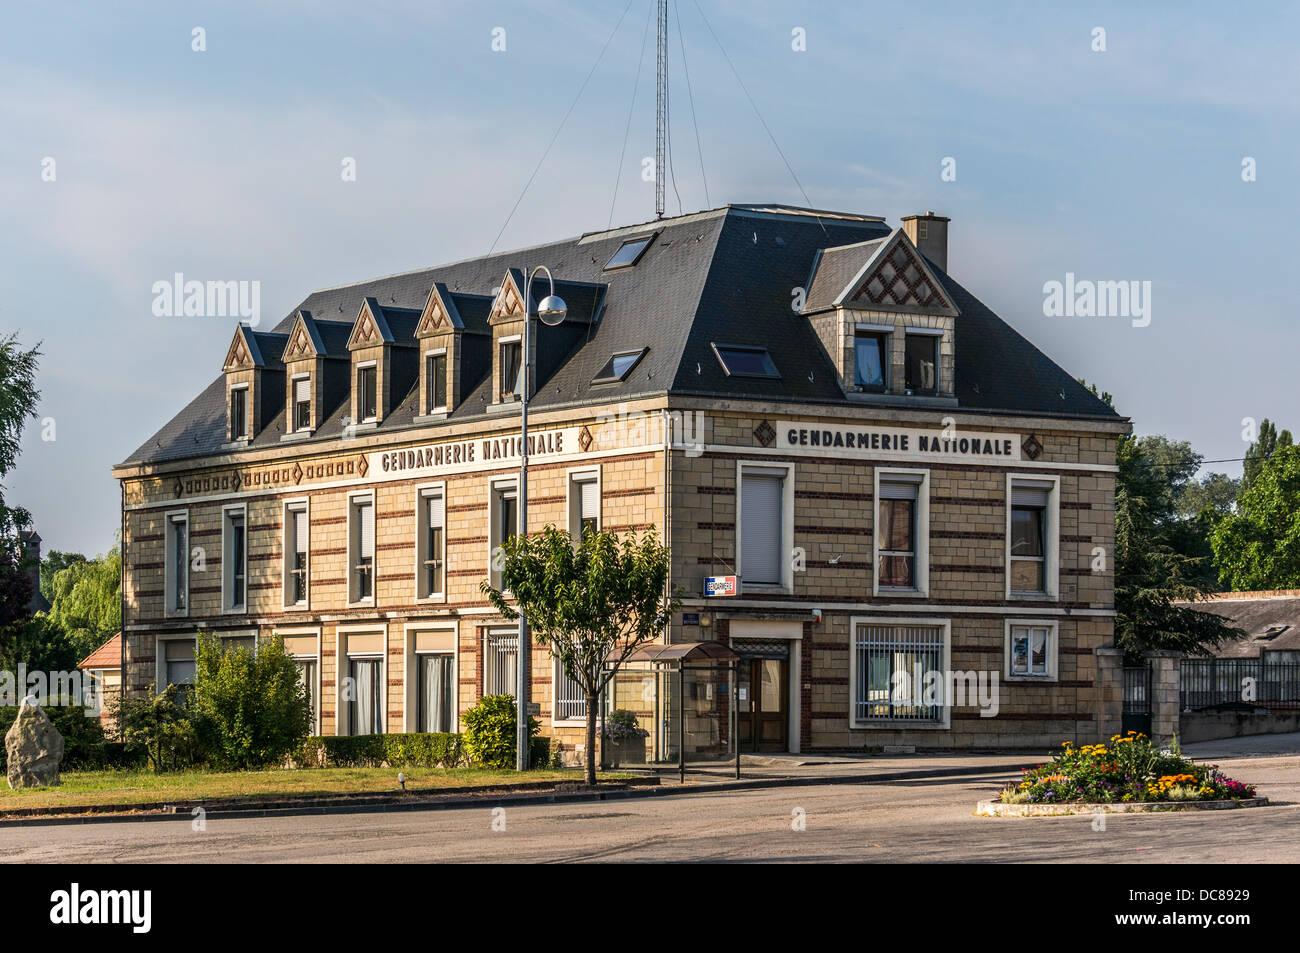 The gendarmerie, La Mailleraye-sur-Seine, Seine-Maritime department, Haute-Normandie region in northern France. - Stock Image